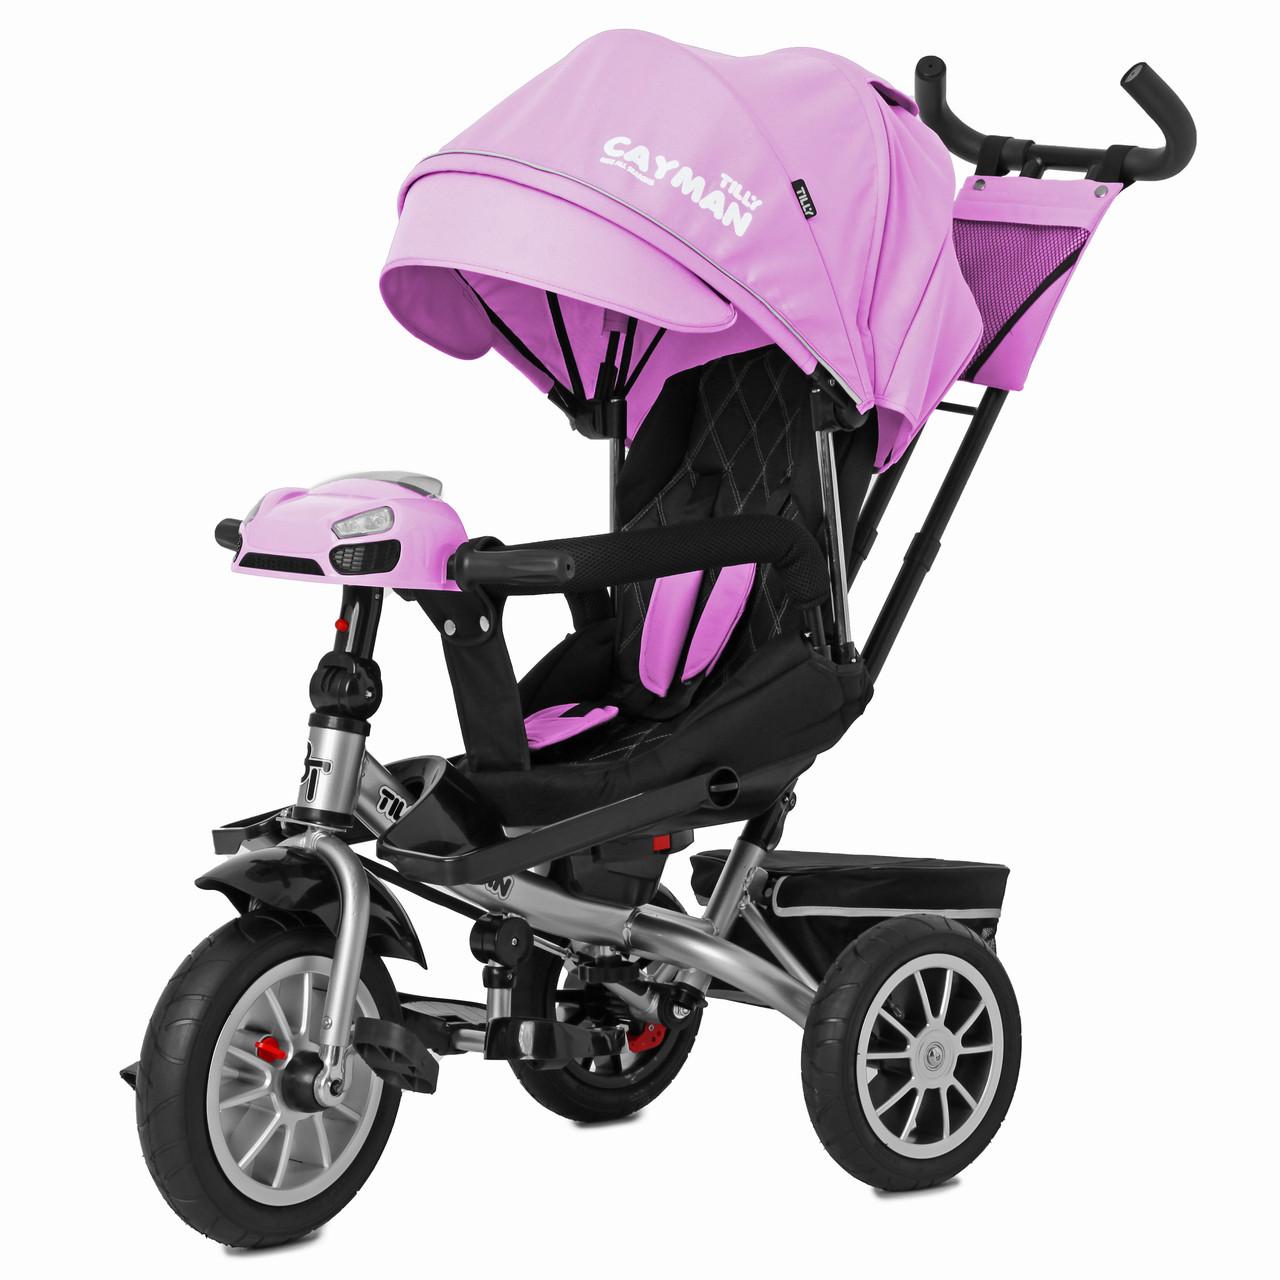 Детский трёхколёсный велосипед Cayman, «Tilly» (T-381/3), цвет Pink (розовый)